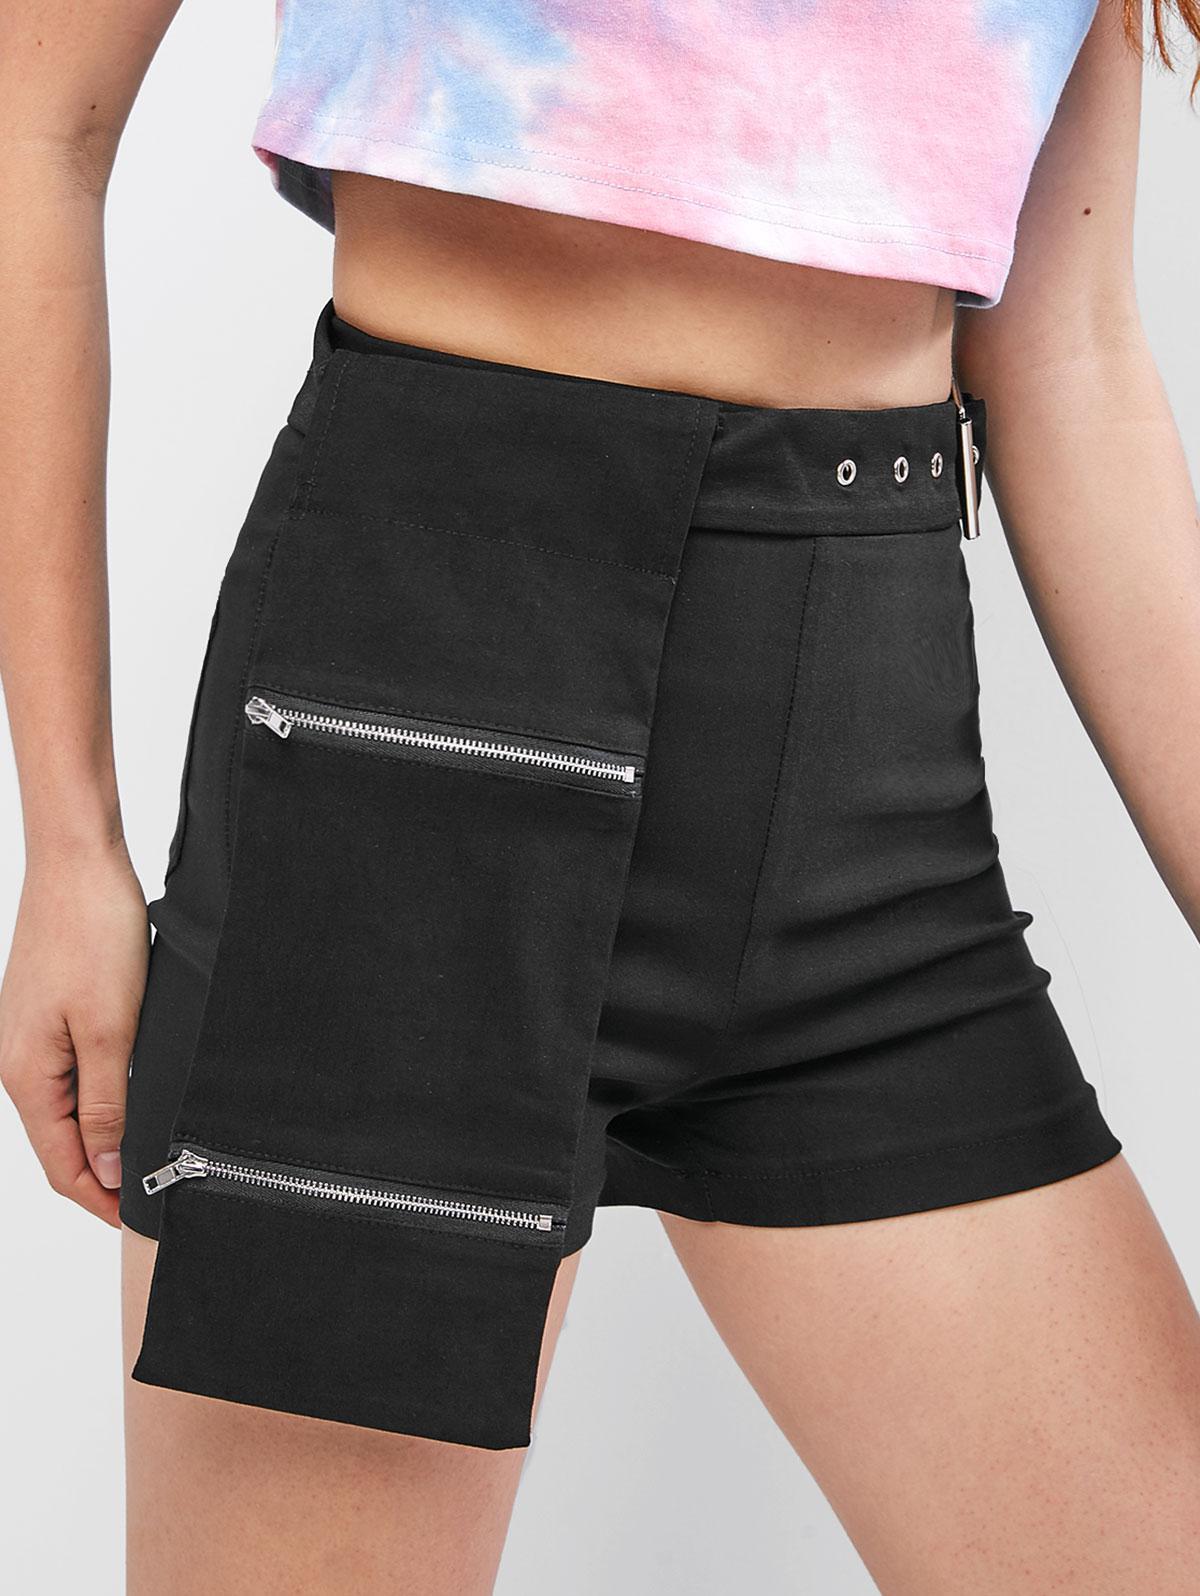 Tasche Con Cerniera Con Cintura Tinta Pantaloncini